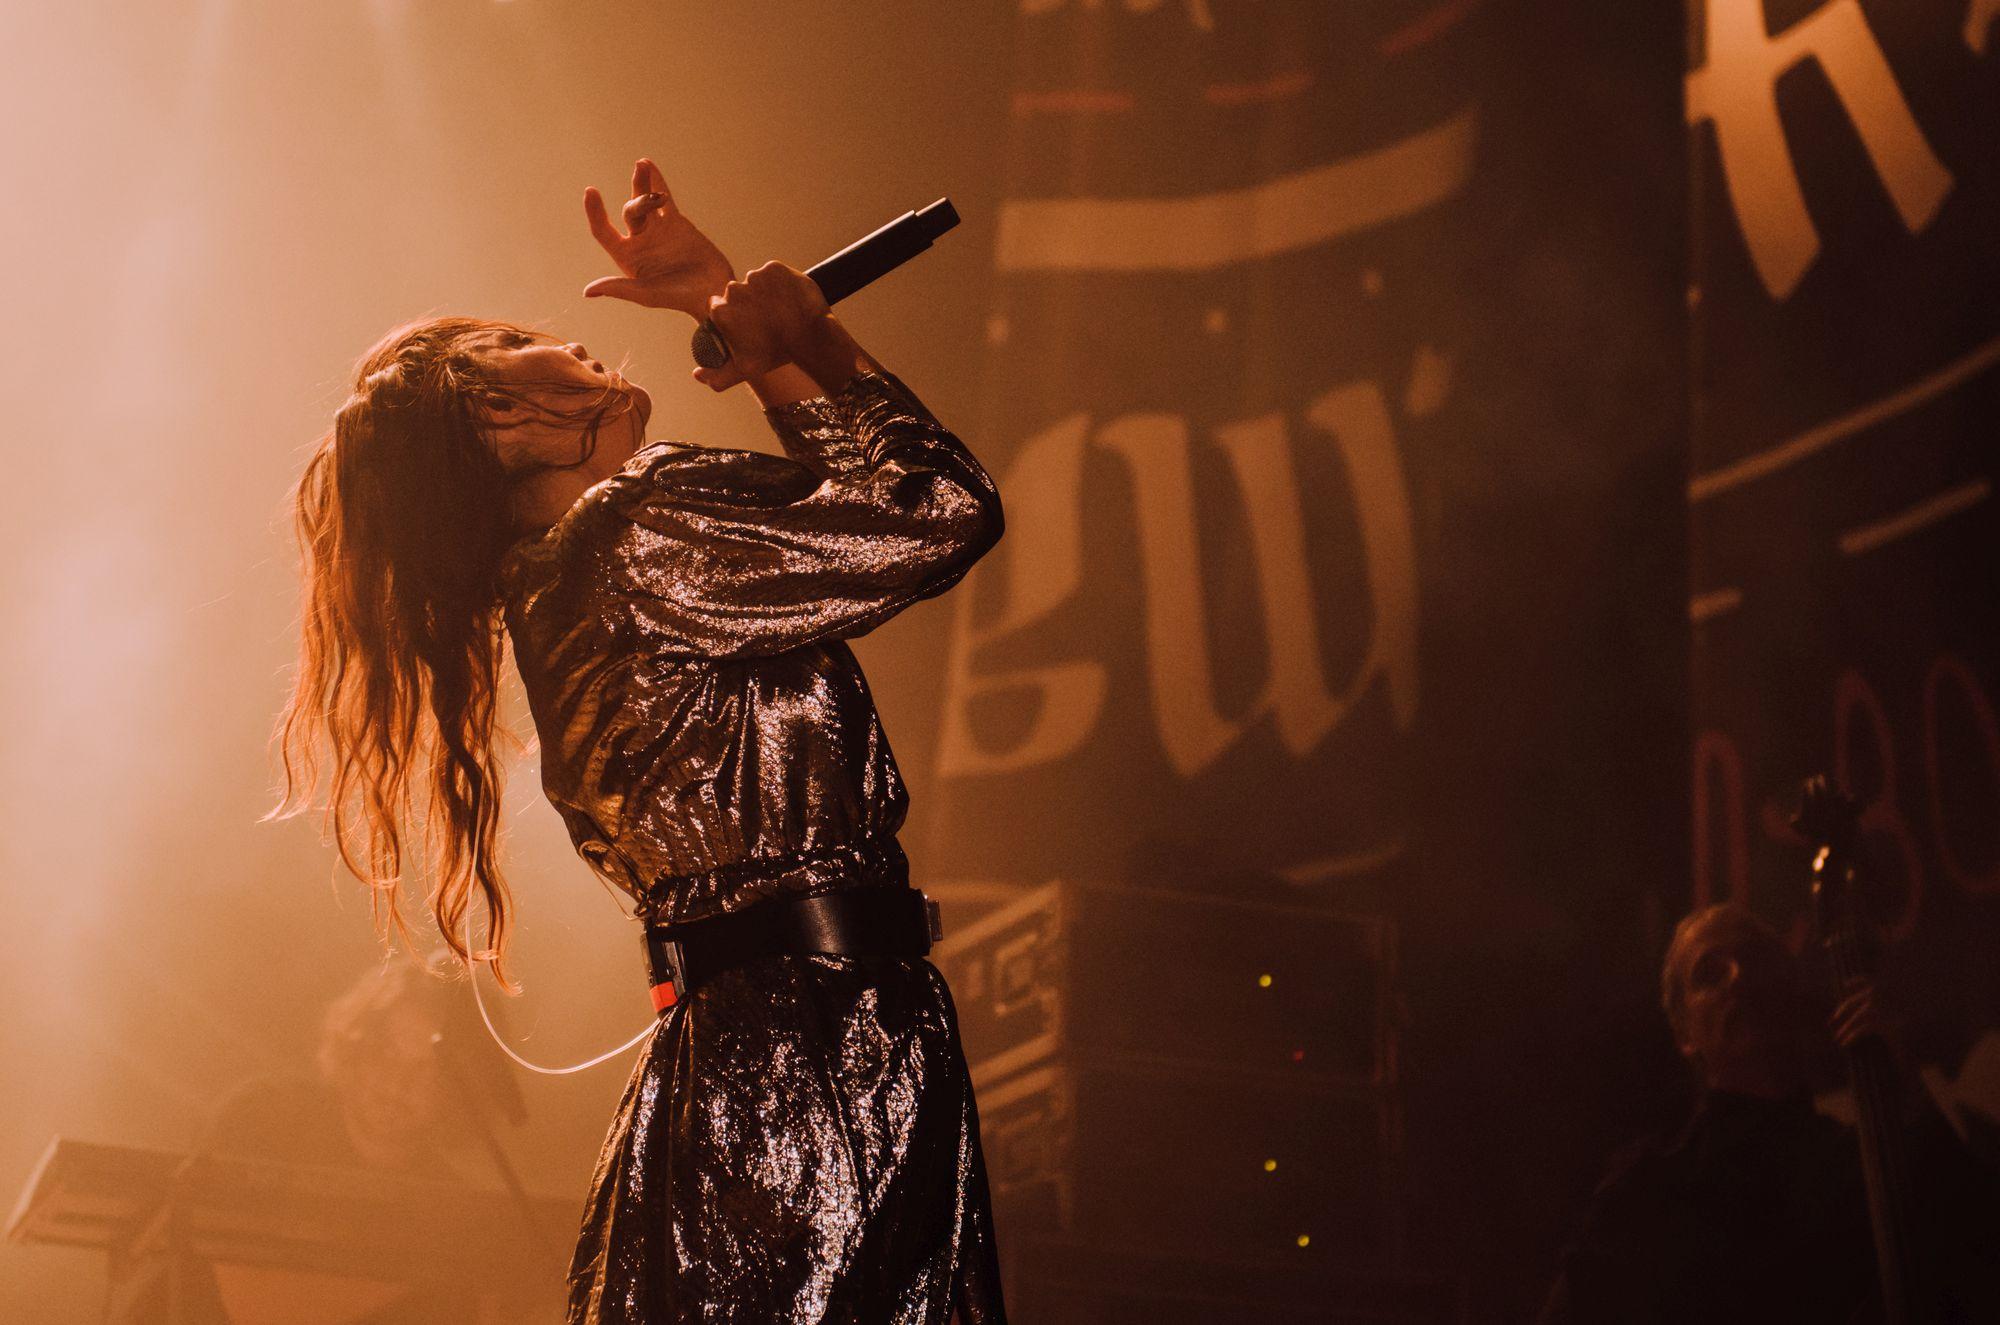 [Zdjęcie z koncertu. Zbliżenie na śpiewającą kobietę w pełnej poruszenia pozycji. Widok z boku. Ciepłe, żółte oświetlenie.]